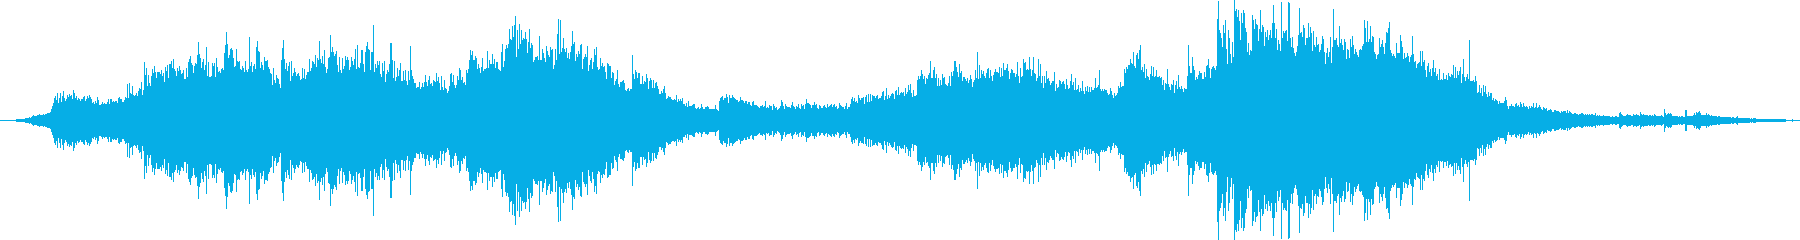 屋内スイミングプール:シングル、2...の再生済みの波形